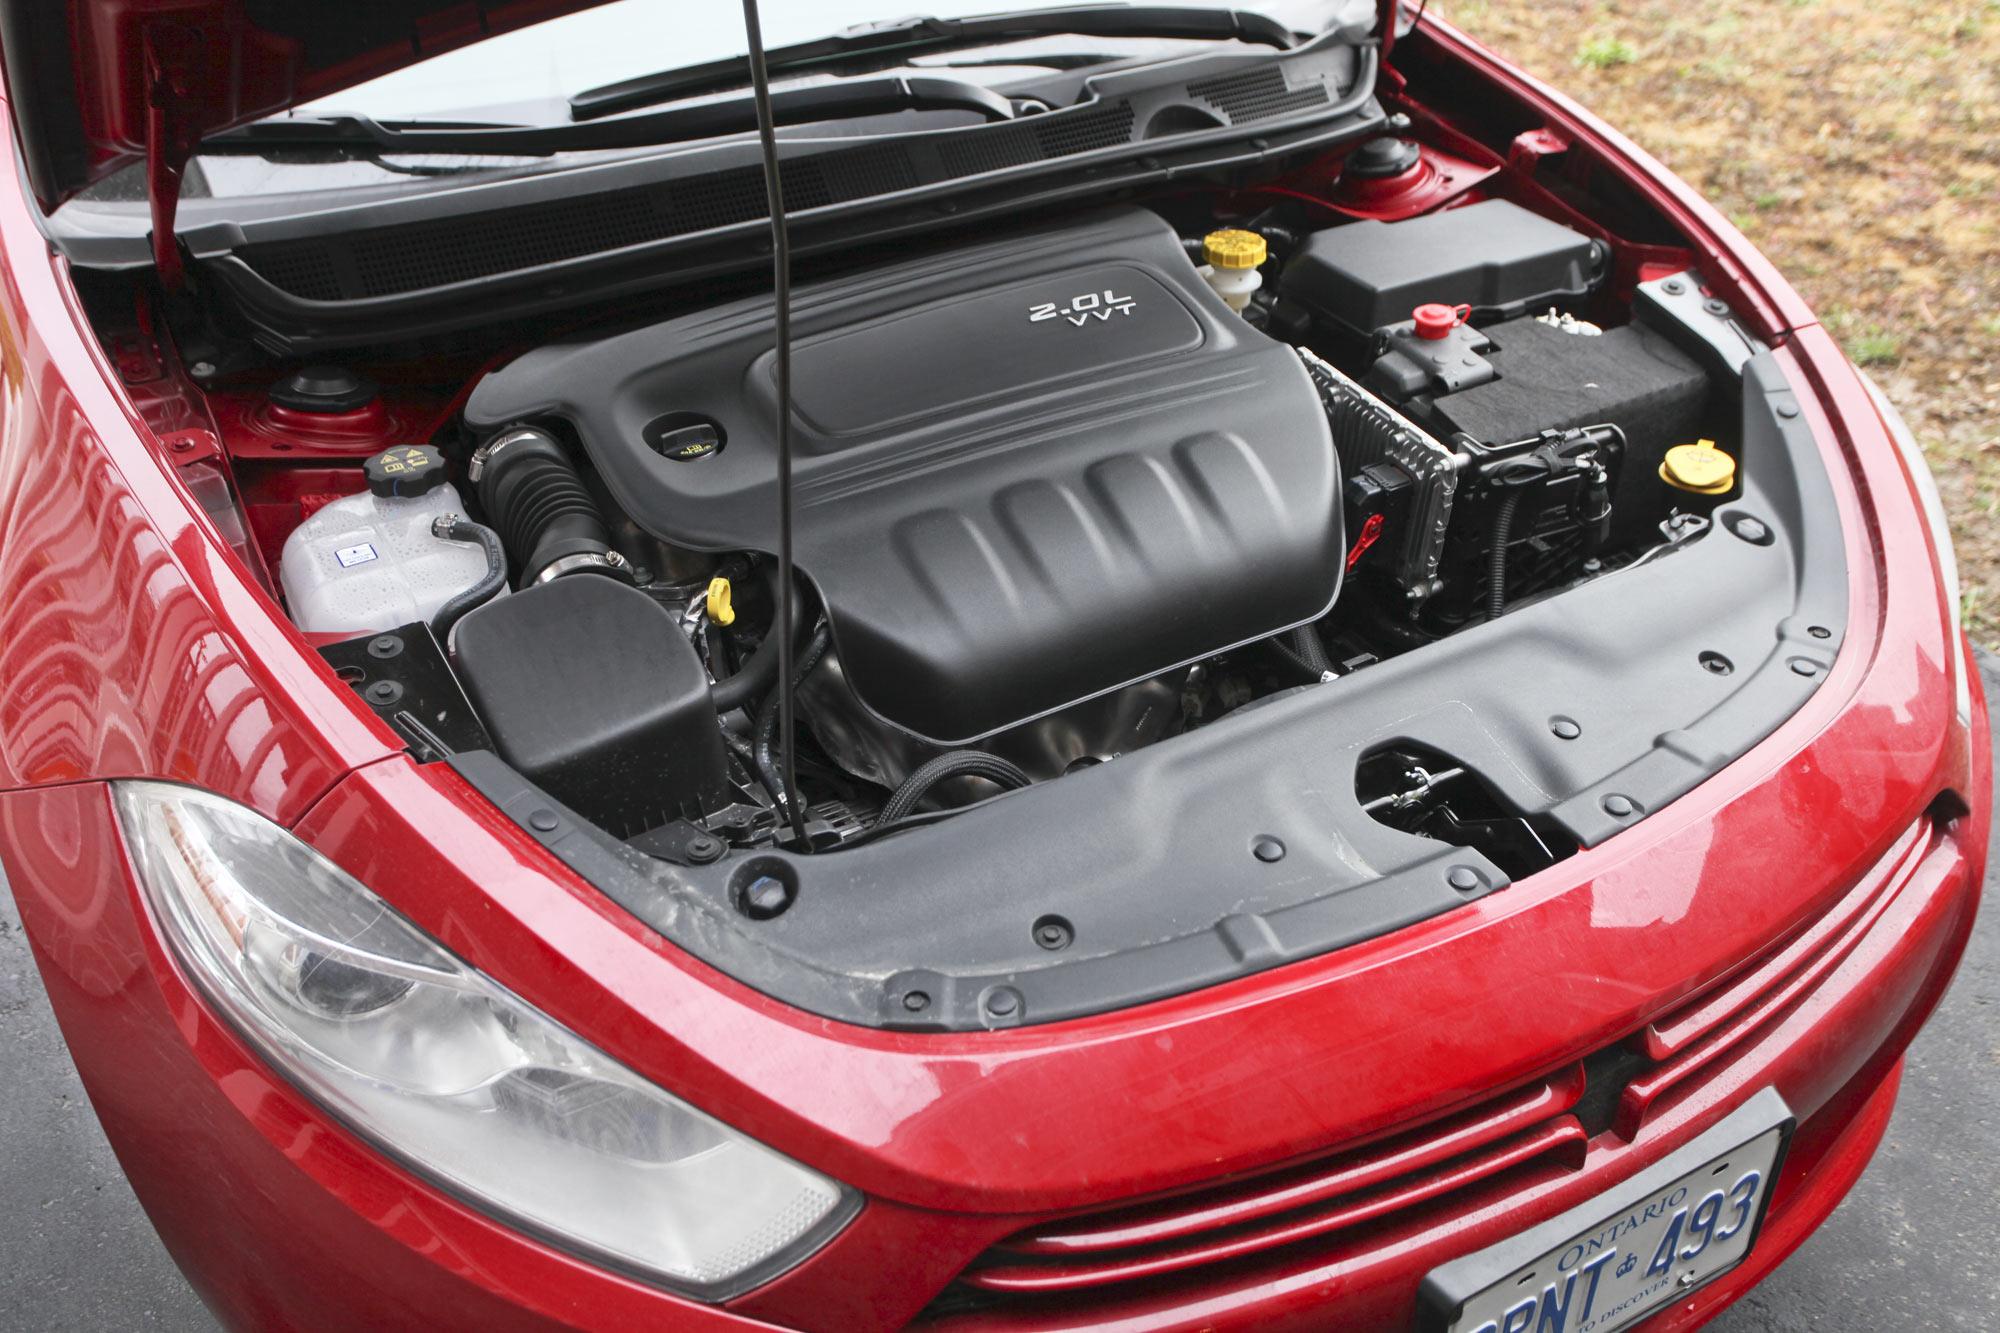 LN_1365] Tiger Shark Engine Chrysler Diagram Wiring DiagramGresi Chro Carn Ospor Garna Grebs Unho Rele Mohammedshrine Librar Wiring 101